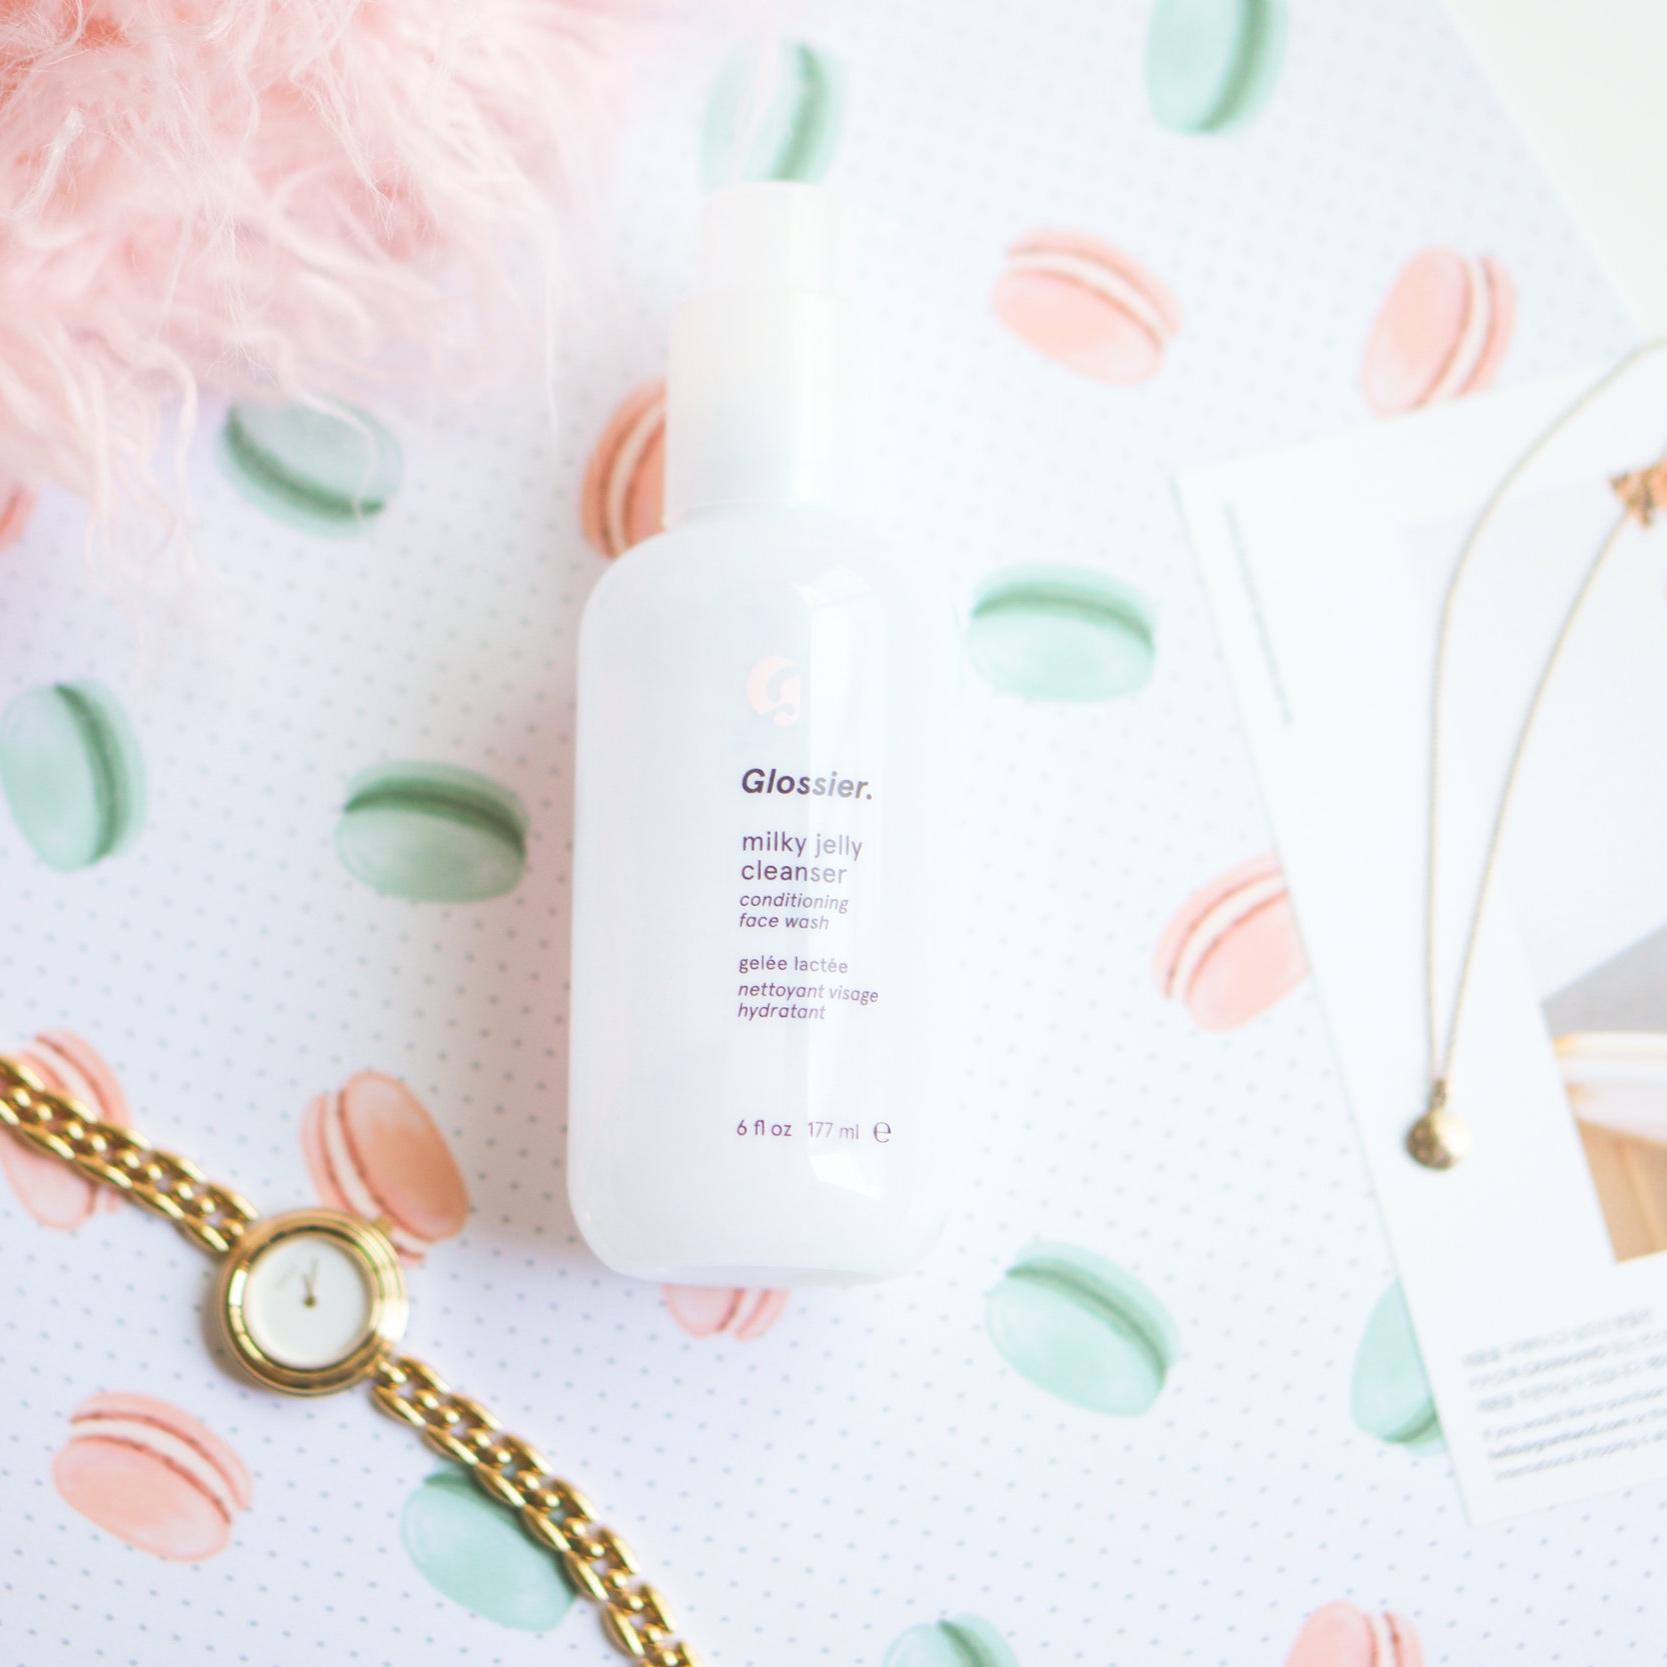 best face wash for sensitive skin 2019